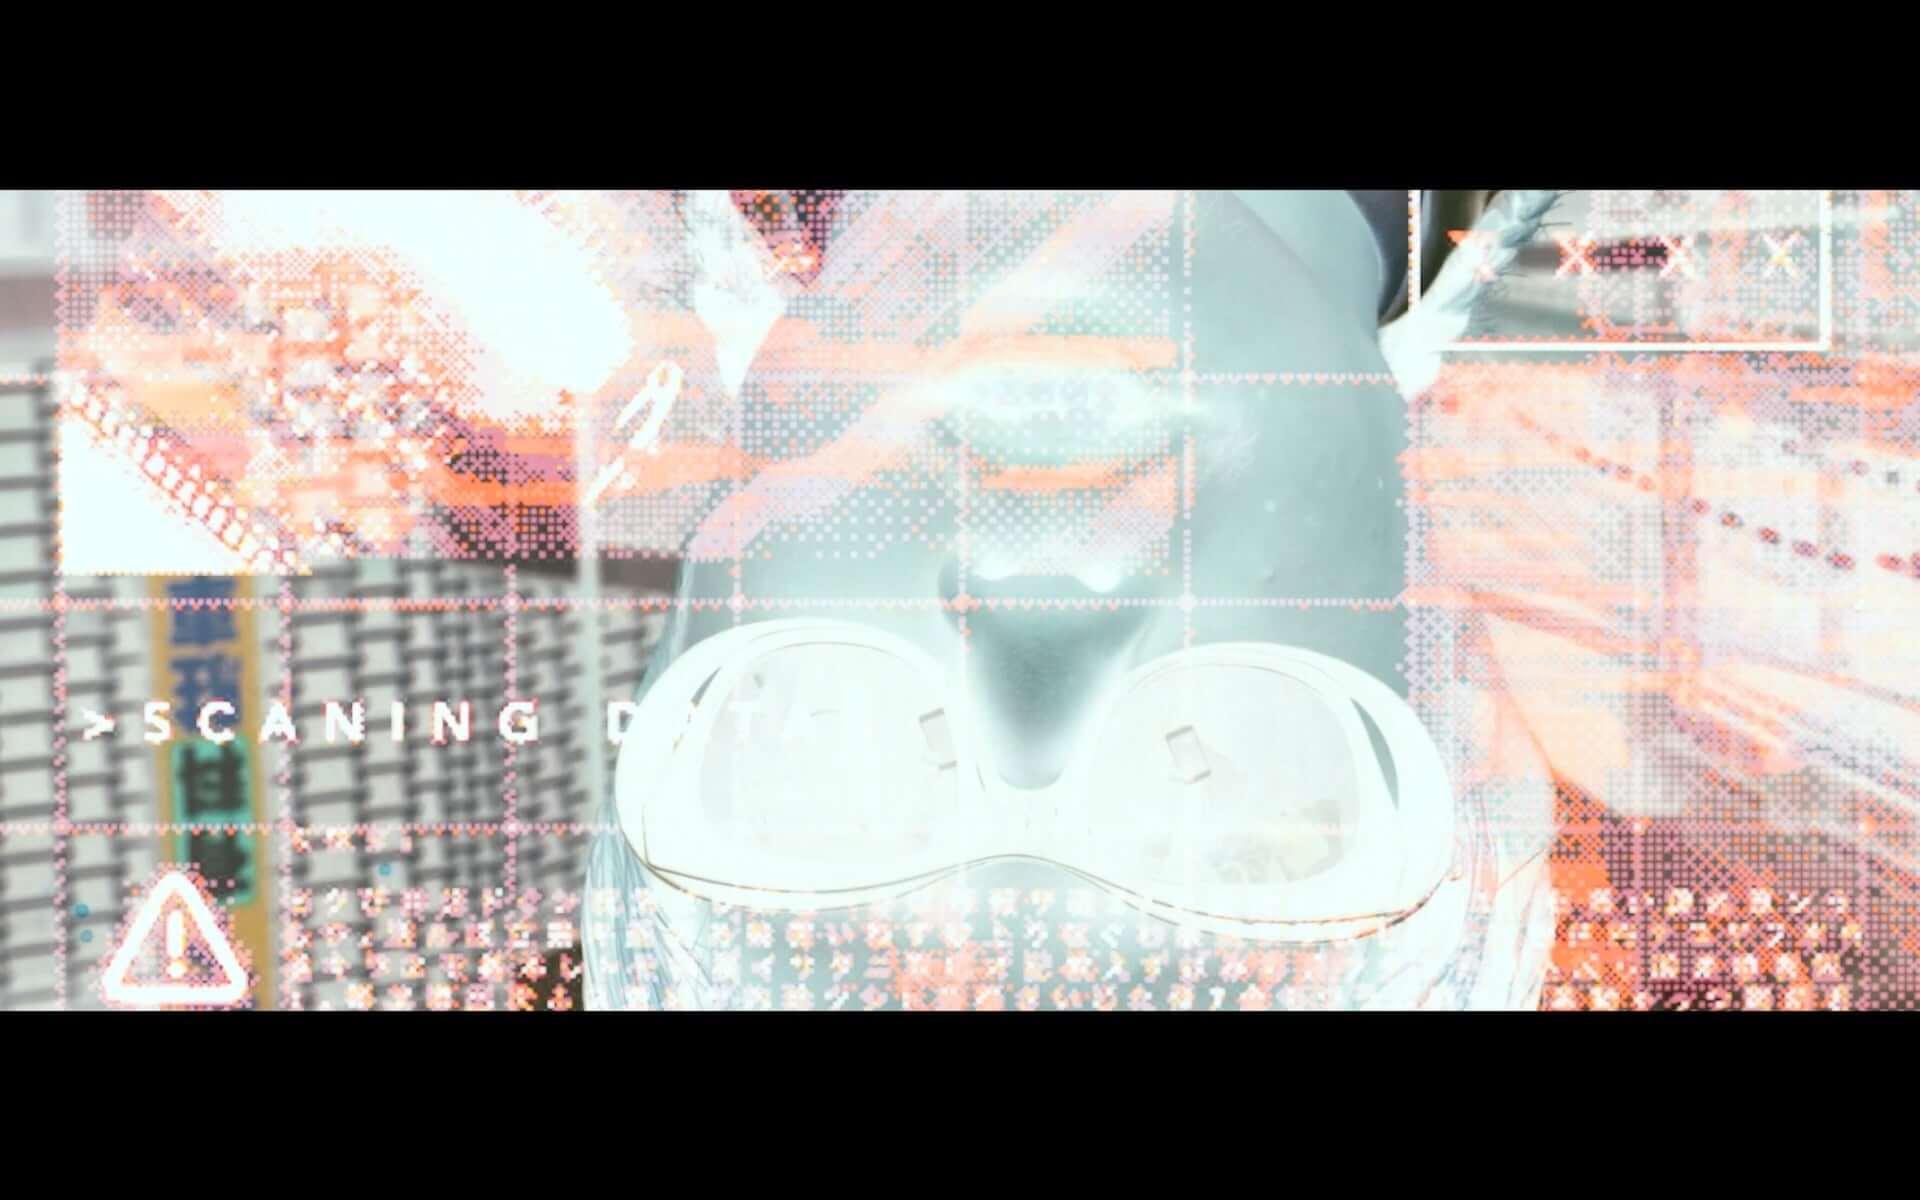 """gatoが最新曲""""G0""""のMVを公開!若手映像監督・Nasty Men$ahが無重力感を演出 music200710_gato_5-1920x1200"""